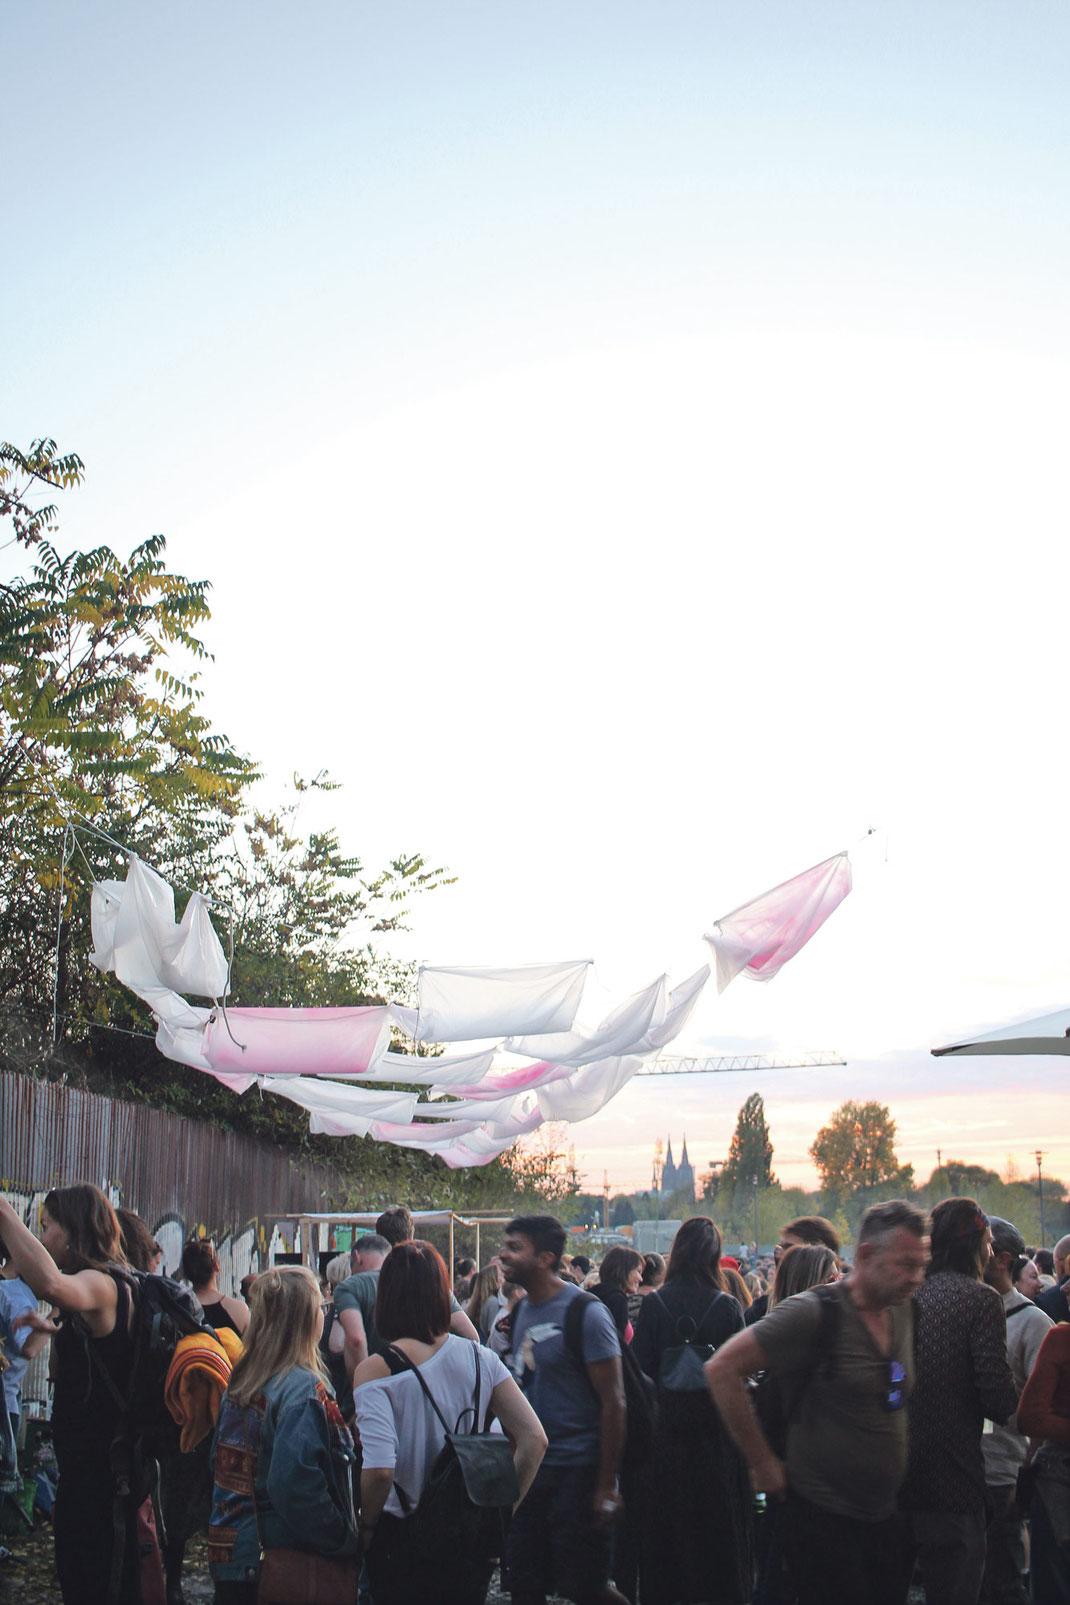 """Tanzen und Chillen mit """"Zukunft Mülheim"""". Das DJ- und Künstlerkollektiv veranstaltet Benefitsparties am Mülheimer Hafen. Foto: Eva Rusch"""